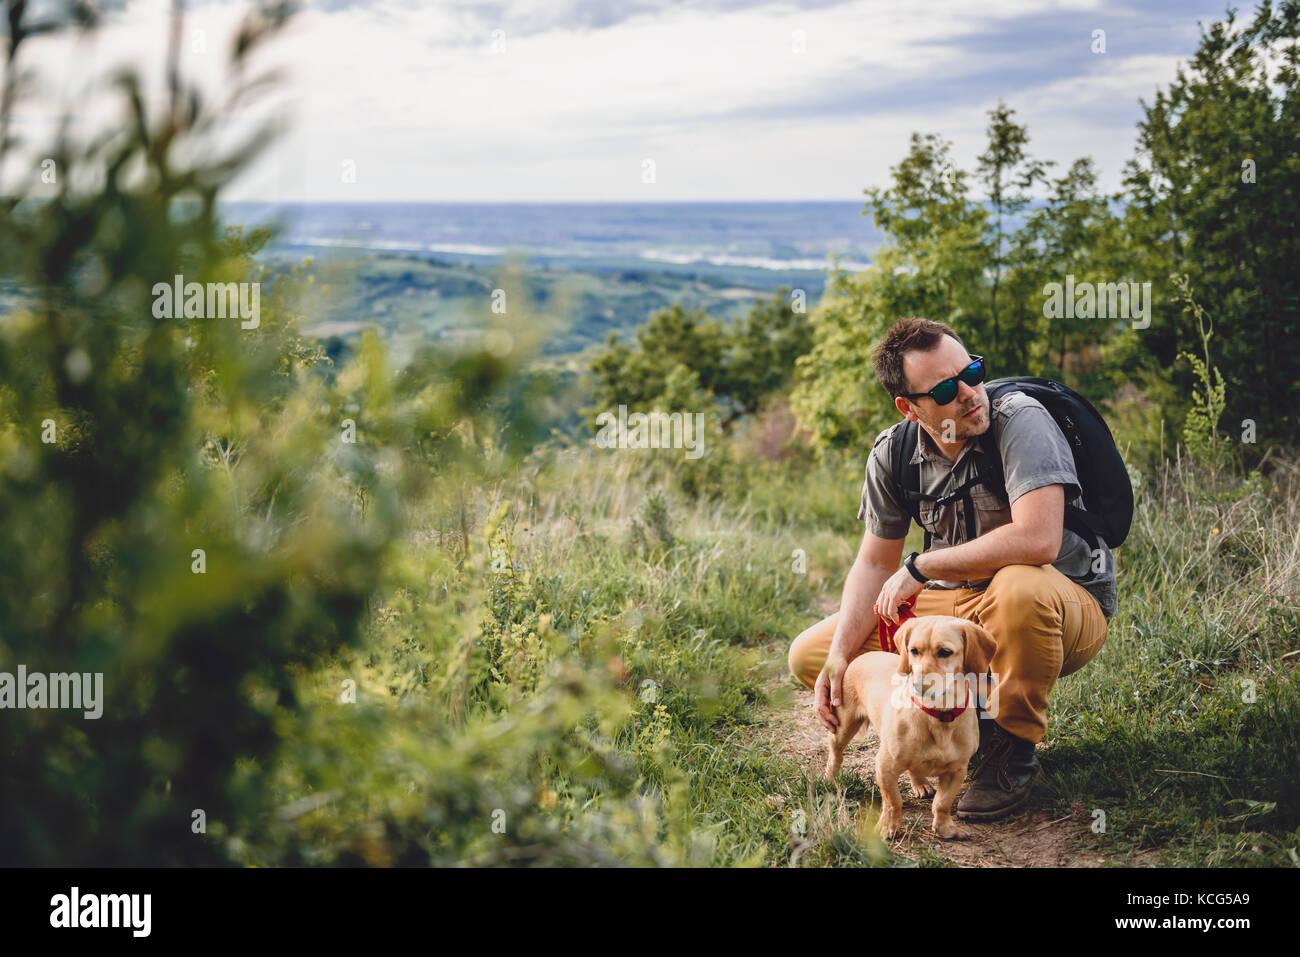 Hombre con gafas de sol con un pequeño perro amarillo descansando en el sendero de trekking Imagen De Stock